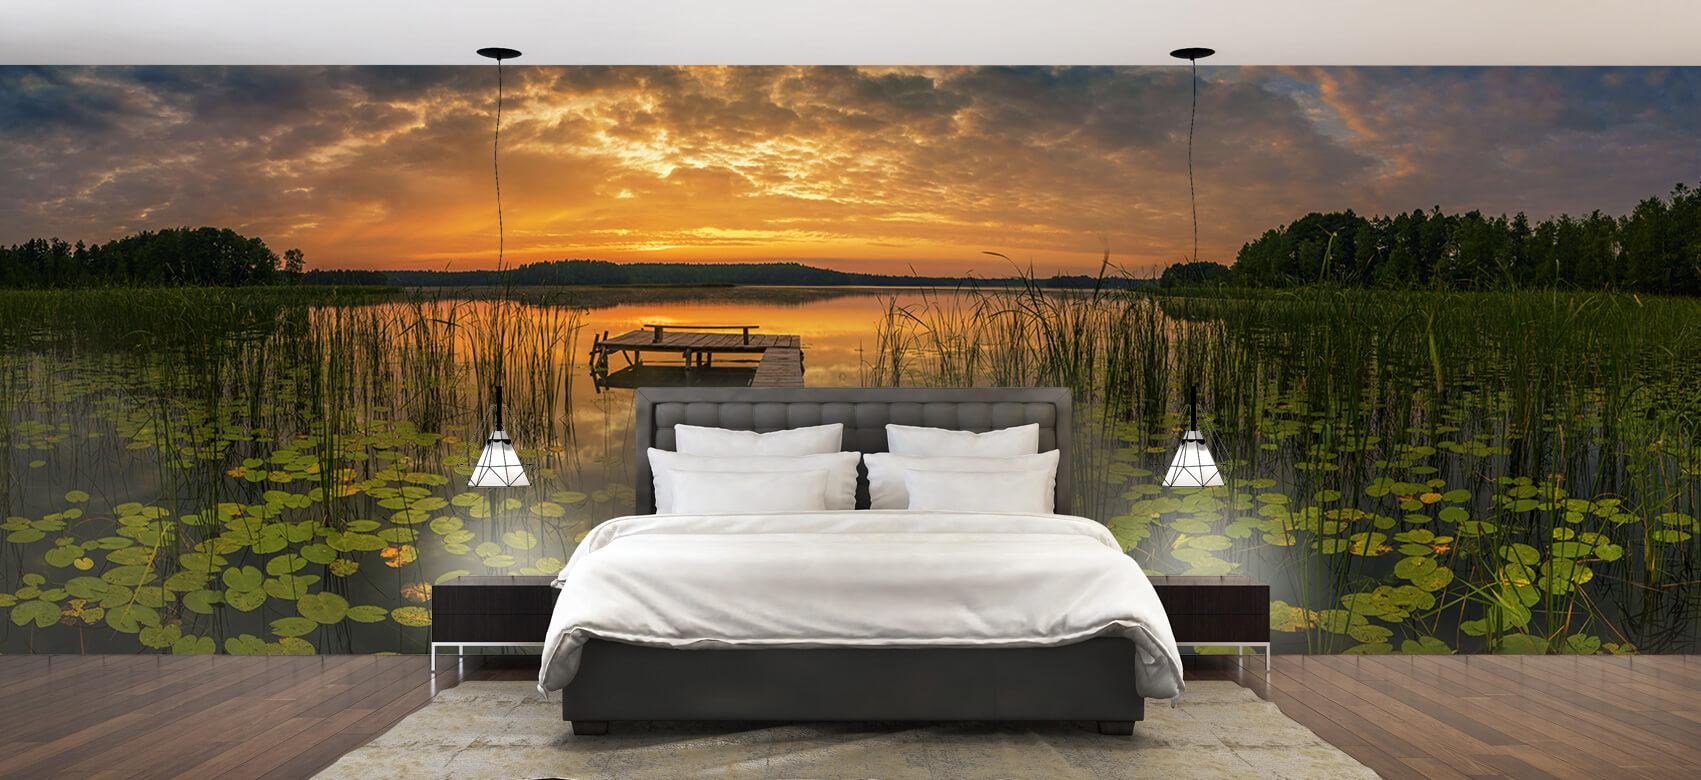 Houten Steigers - Zonsopgang aan het meer - Woonkamer 2